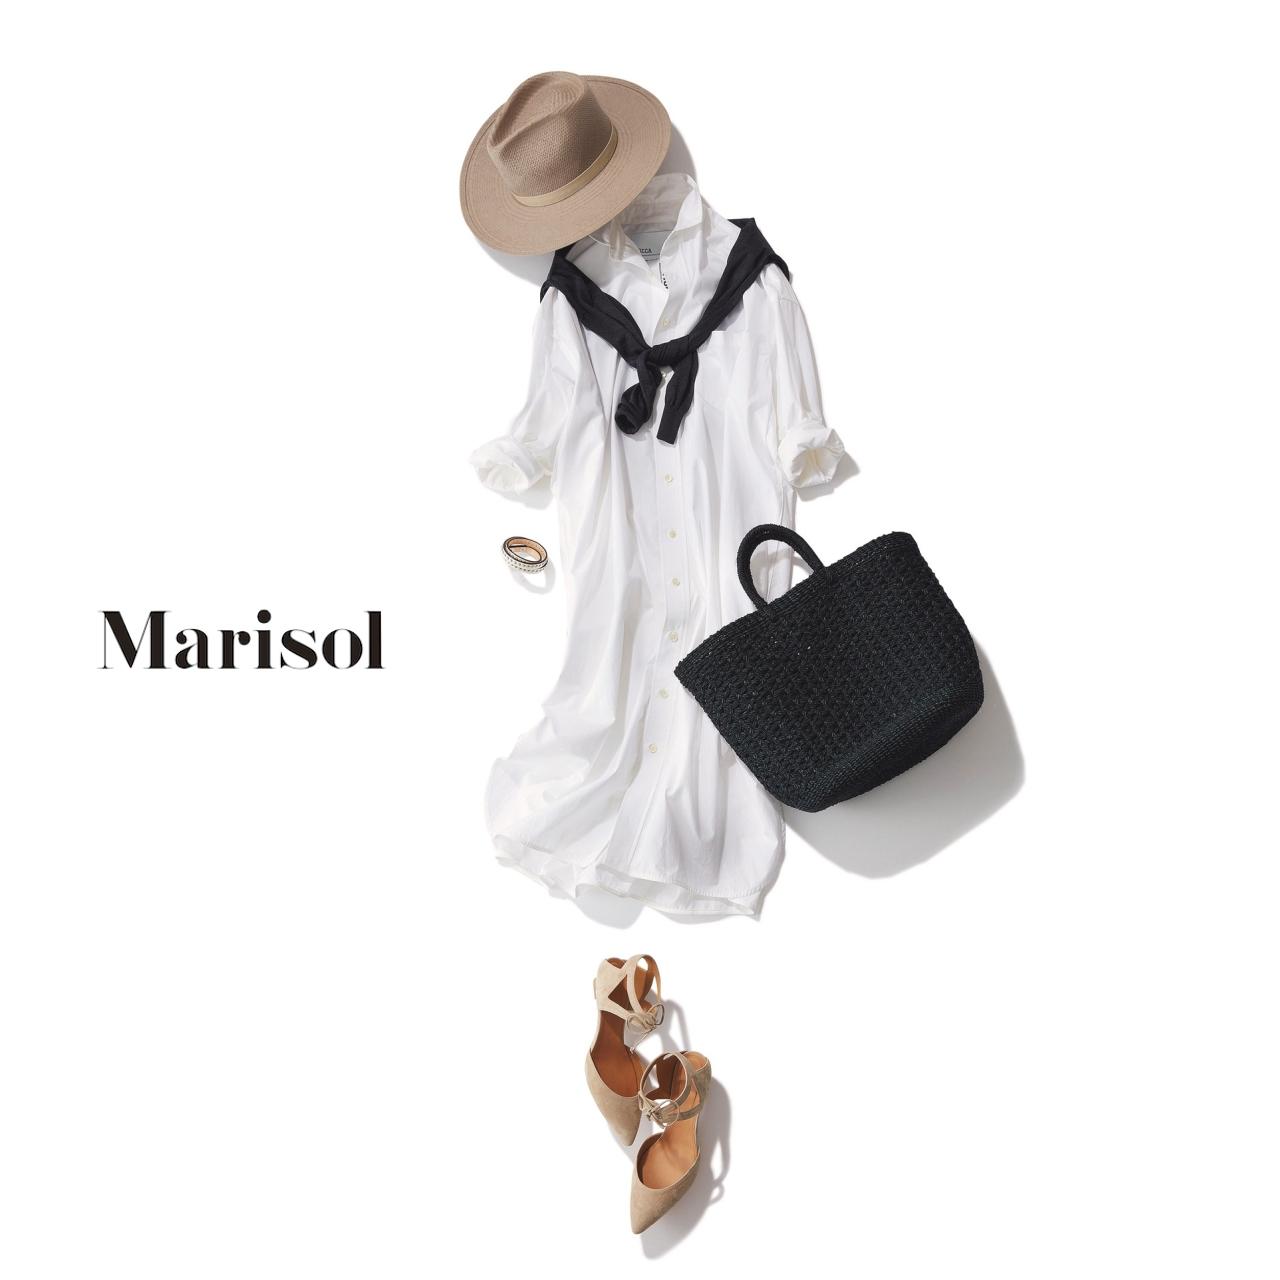 白ワンピース×黒のかごバッグでモノトーンコーデ